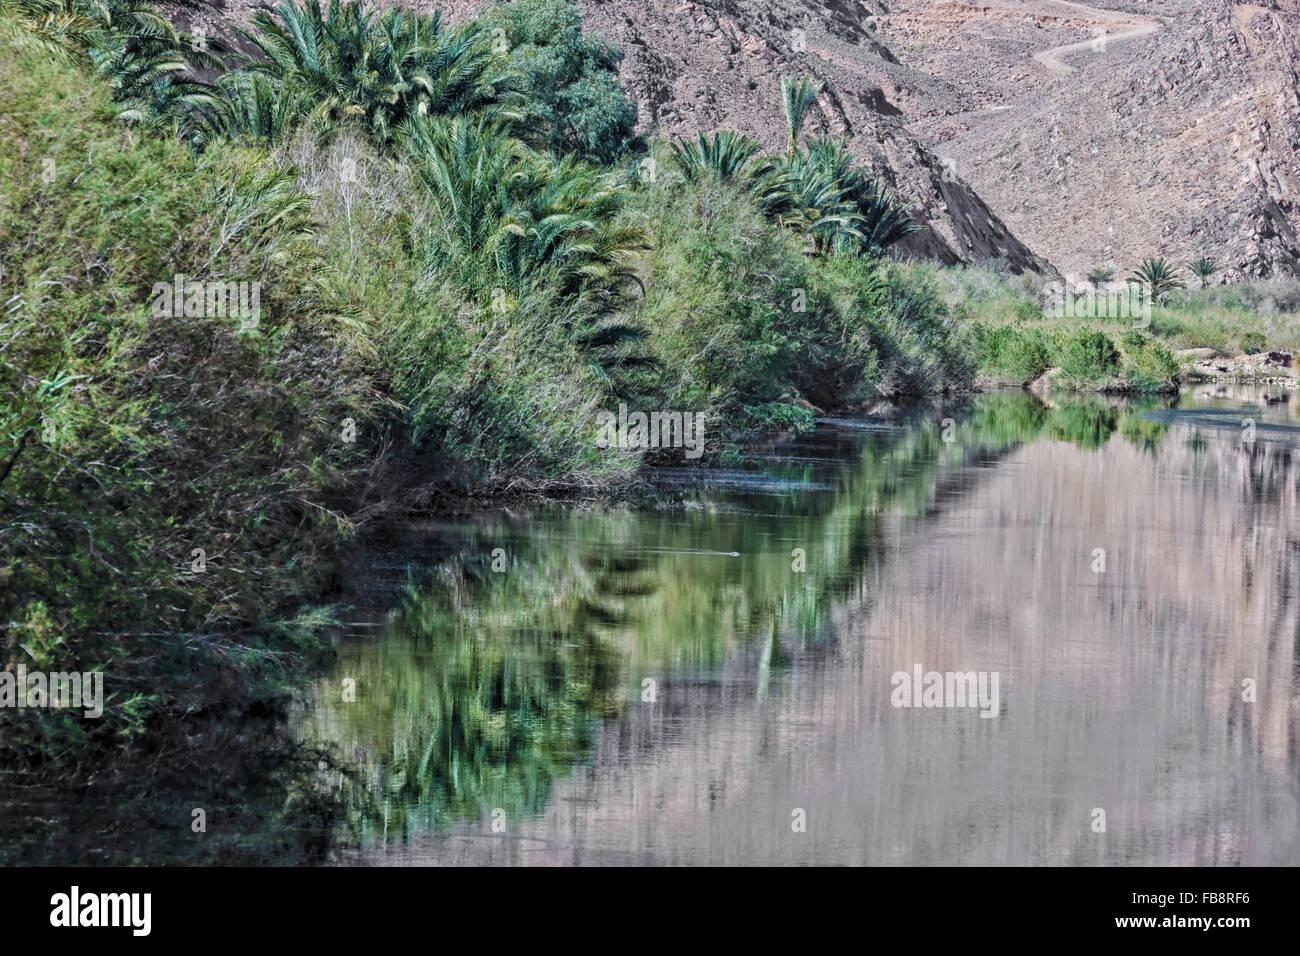 Palmen und Bäumen entlang eines Flusses mit Spiegelungen im Wasser. Stockbild